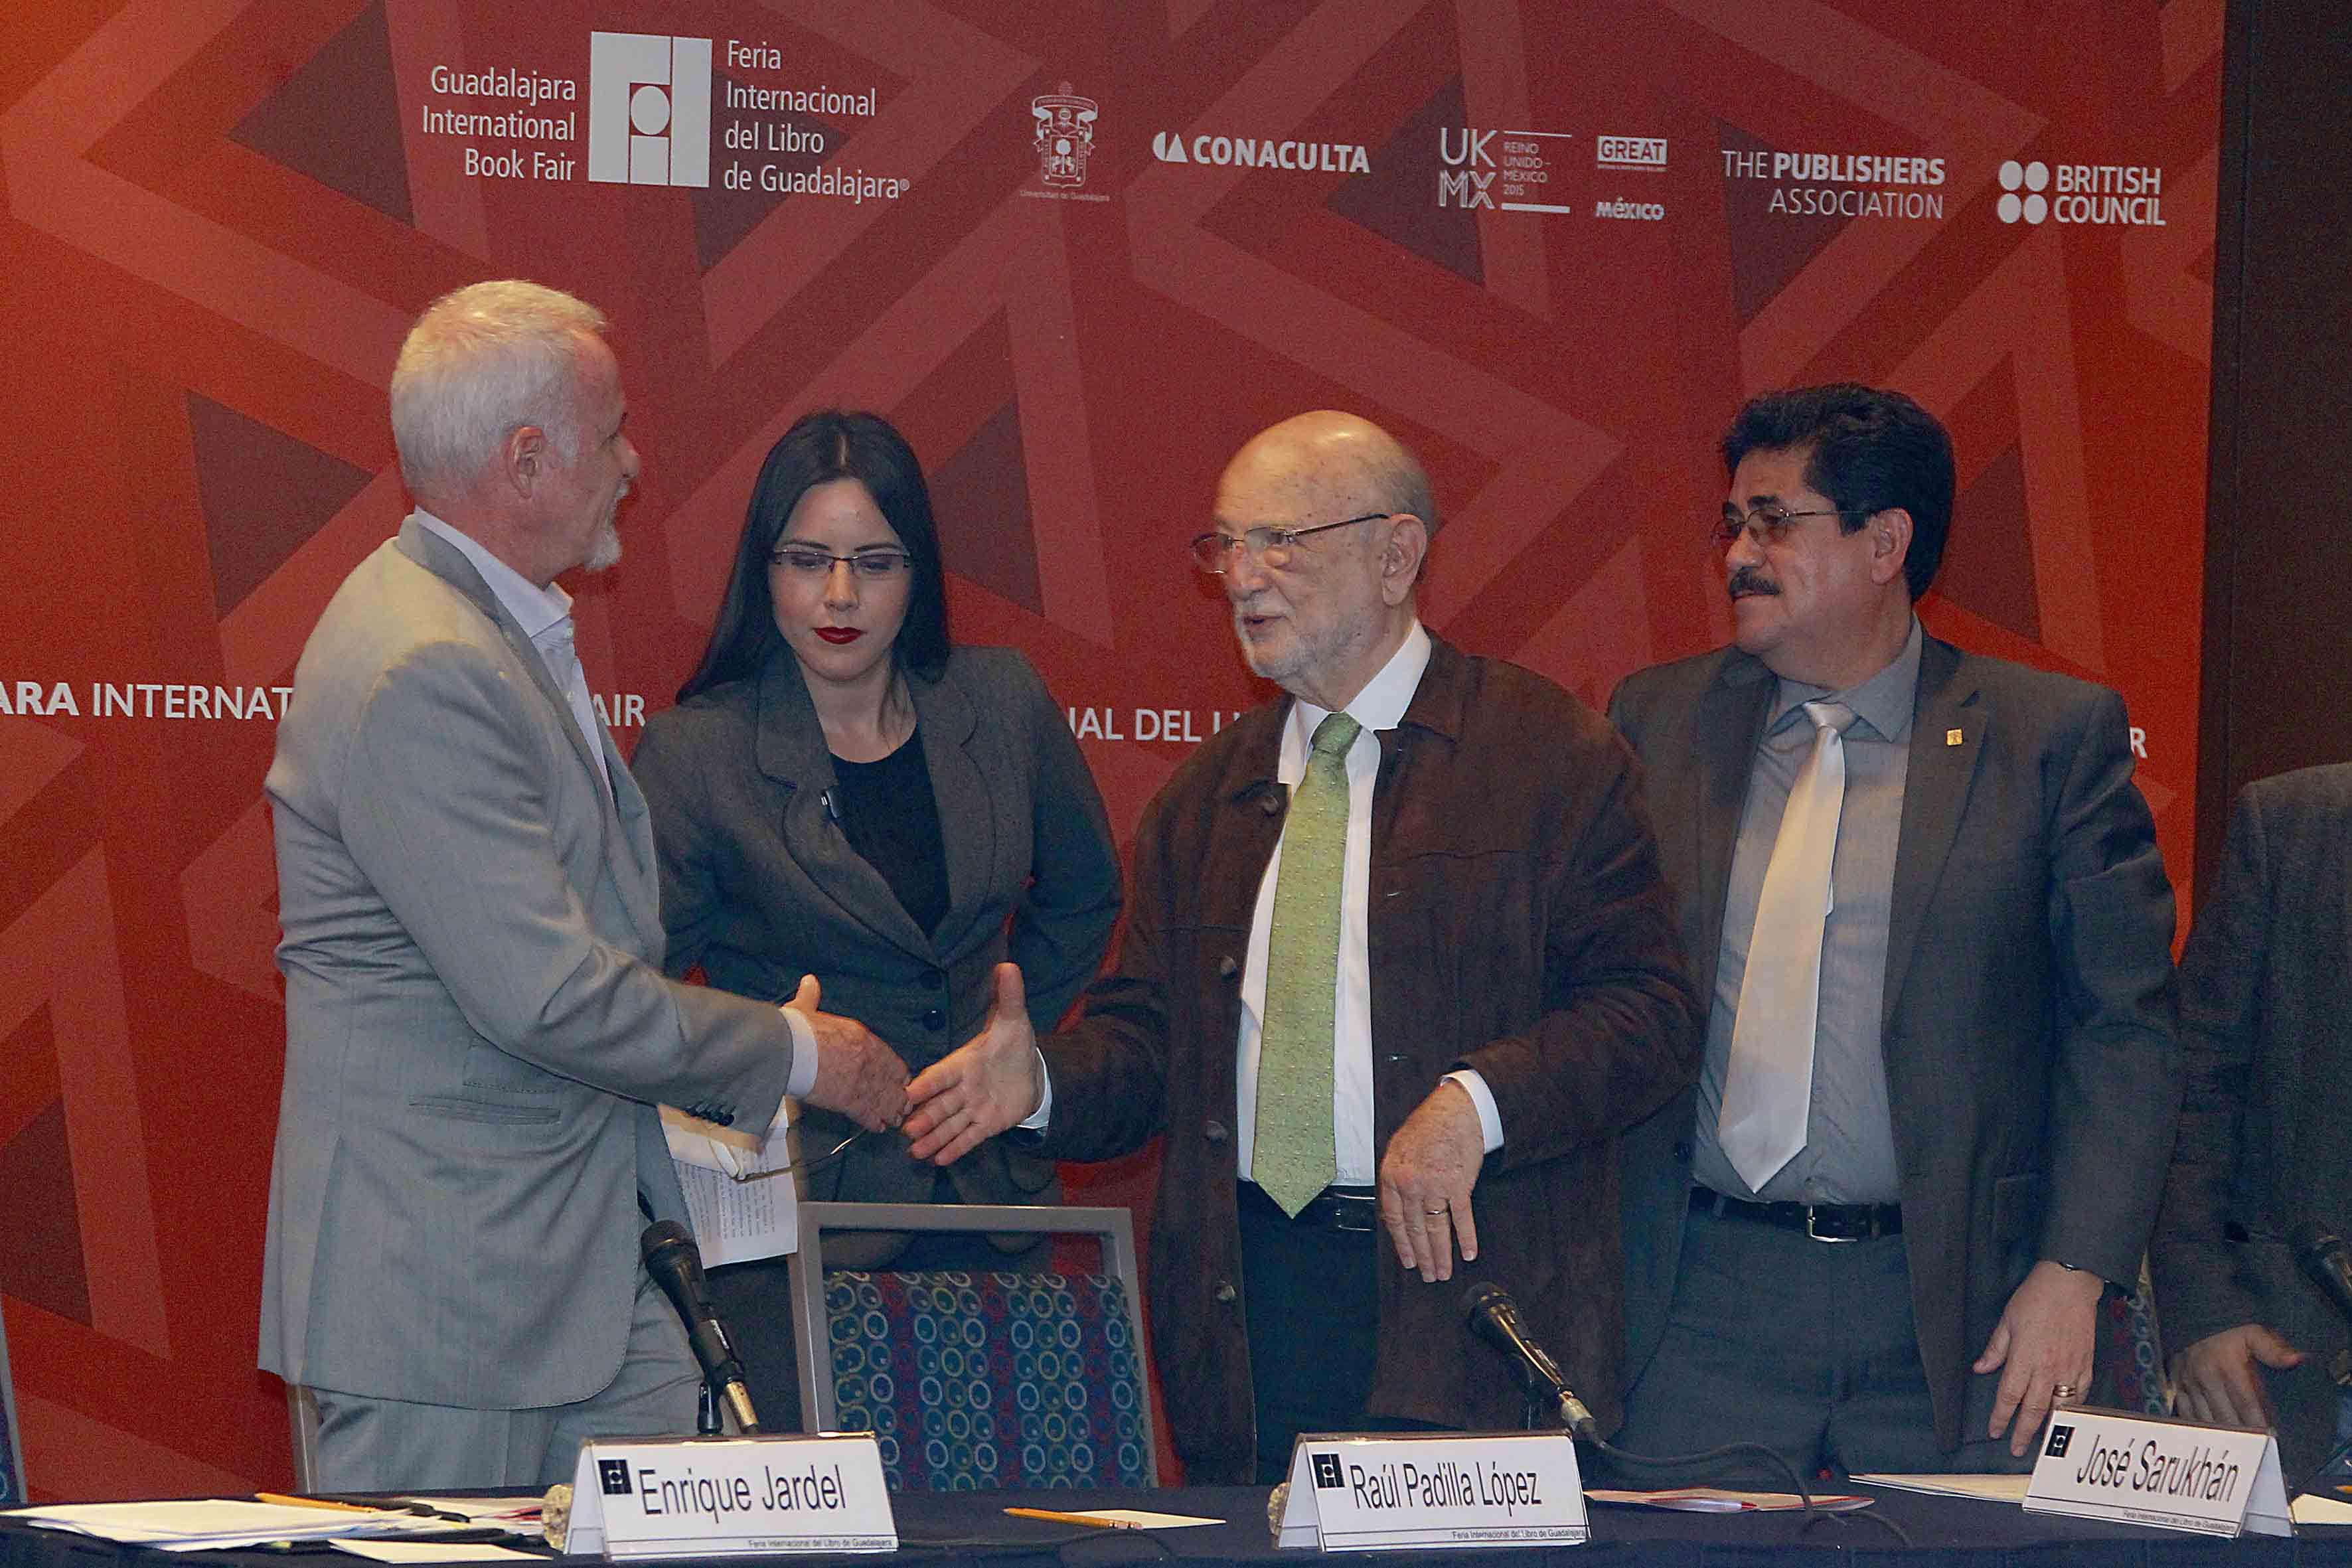 El doctor José estrechando su mano con el presidente de la FIL, Raúl Padilla López